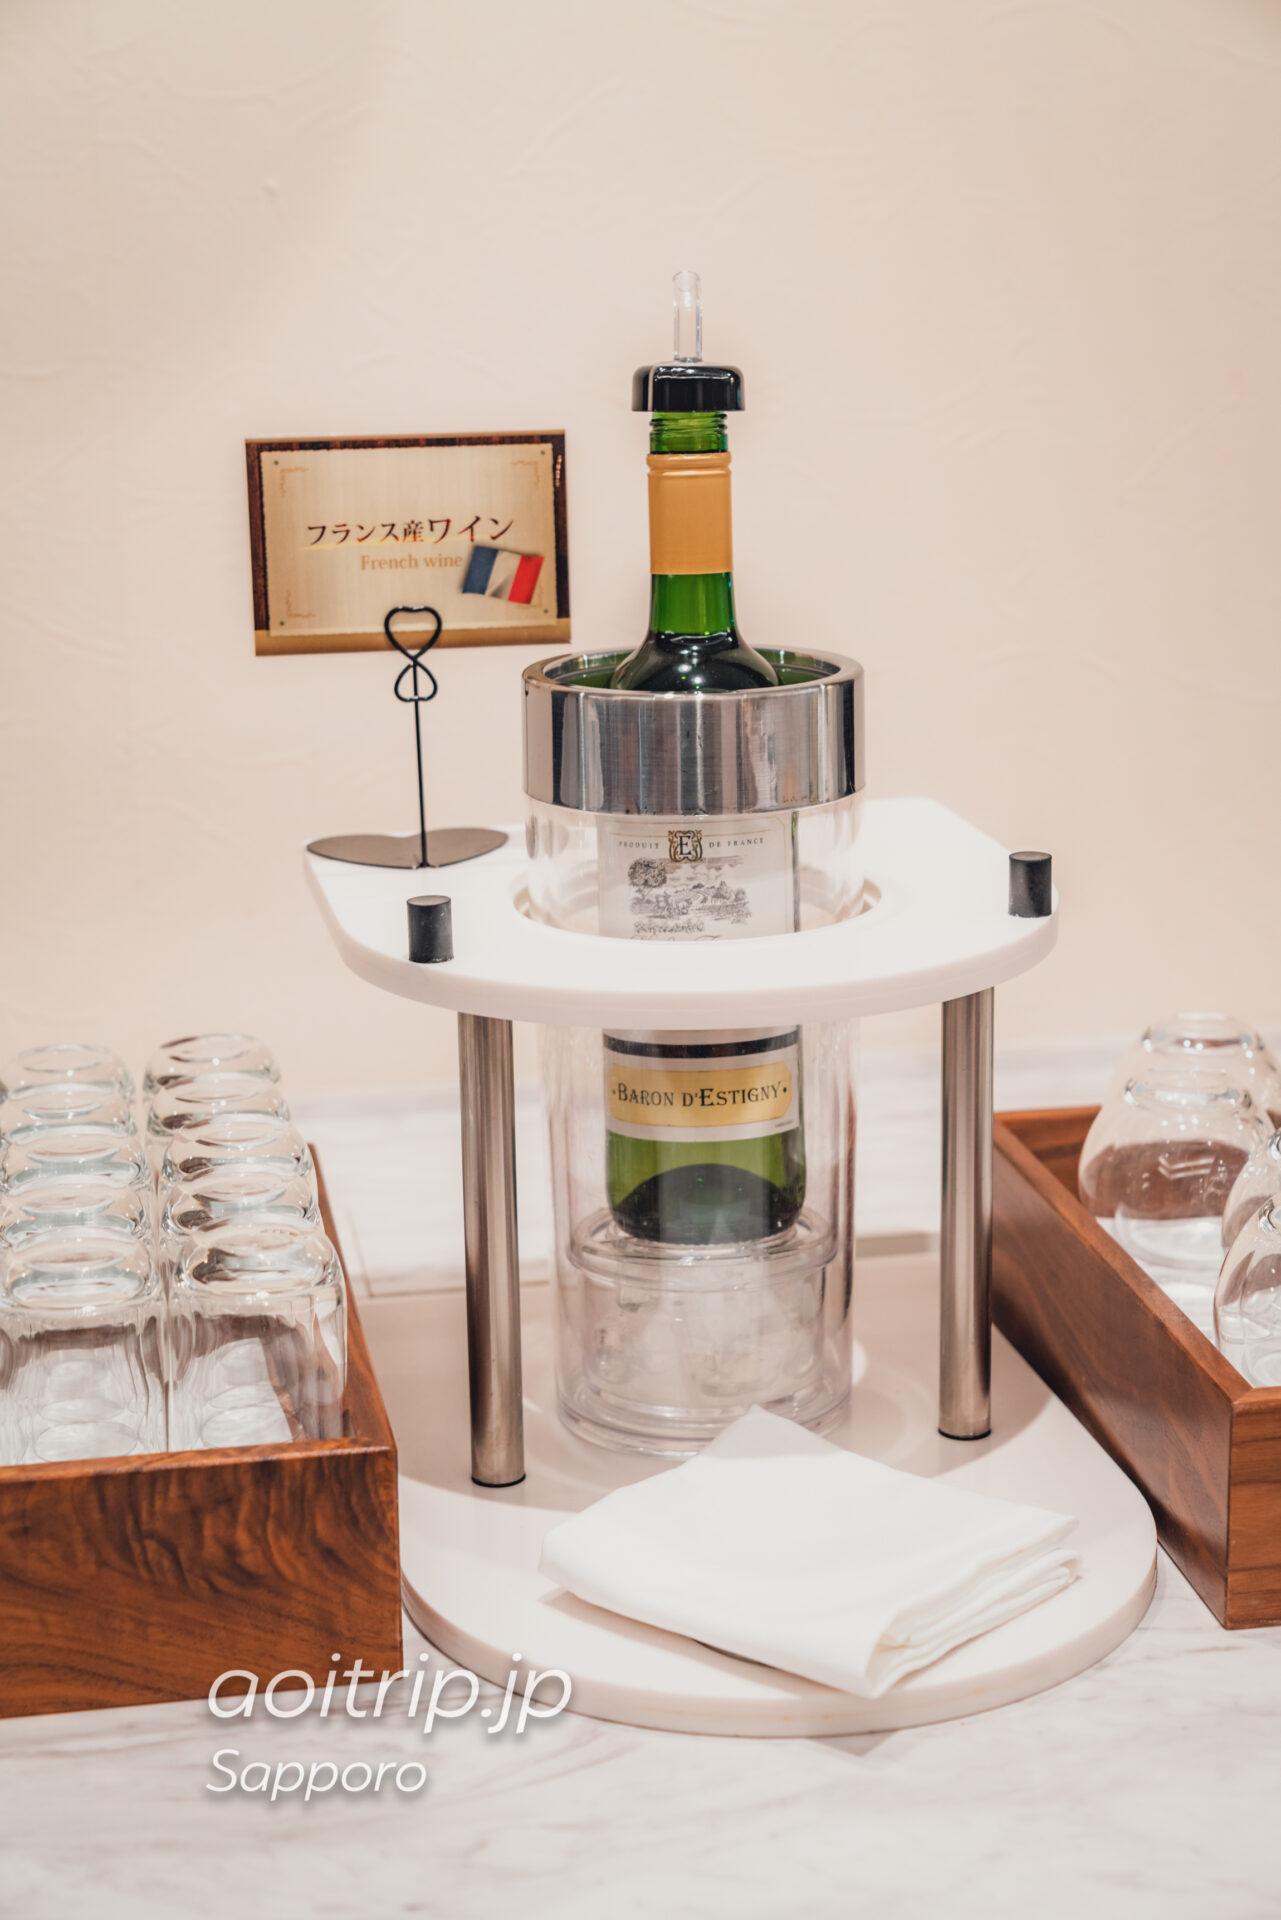 プレミアホテル中島公園 札幌 ビストロ ラ・プロヴァンスの朝食 フランス産白ワイン